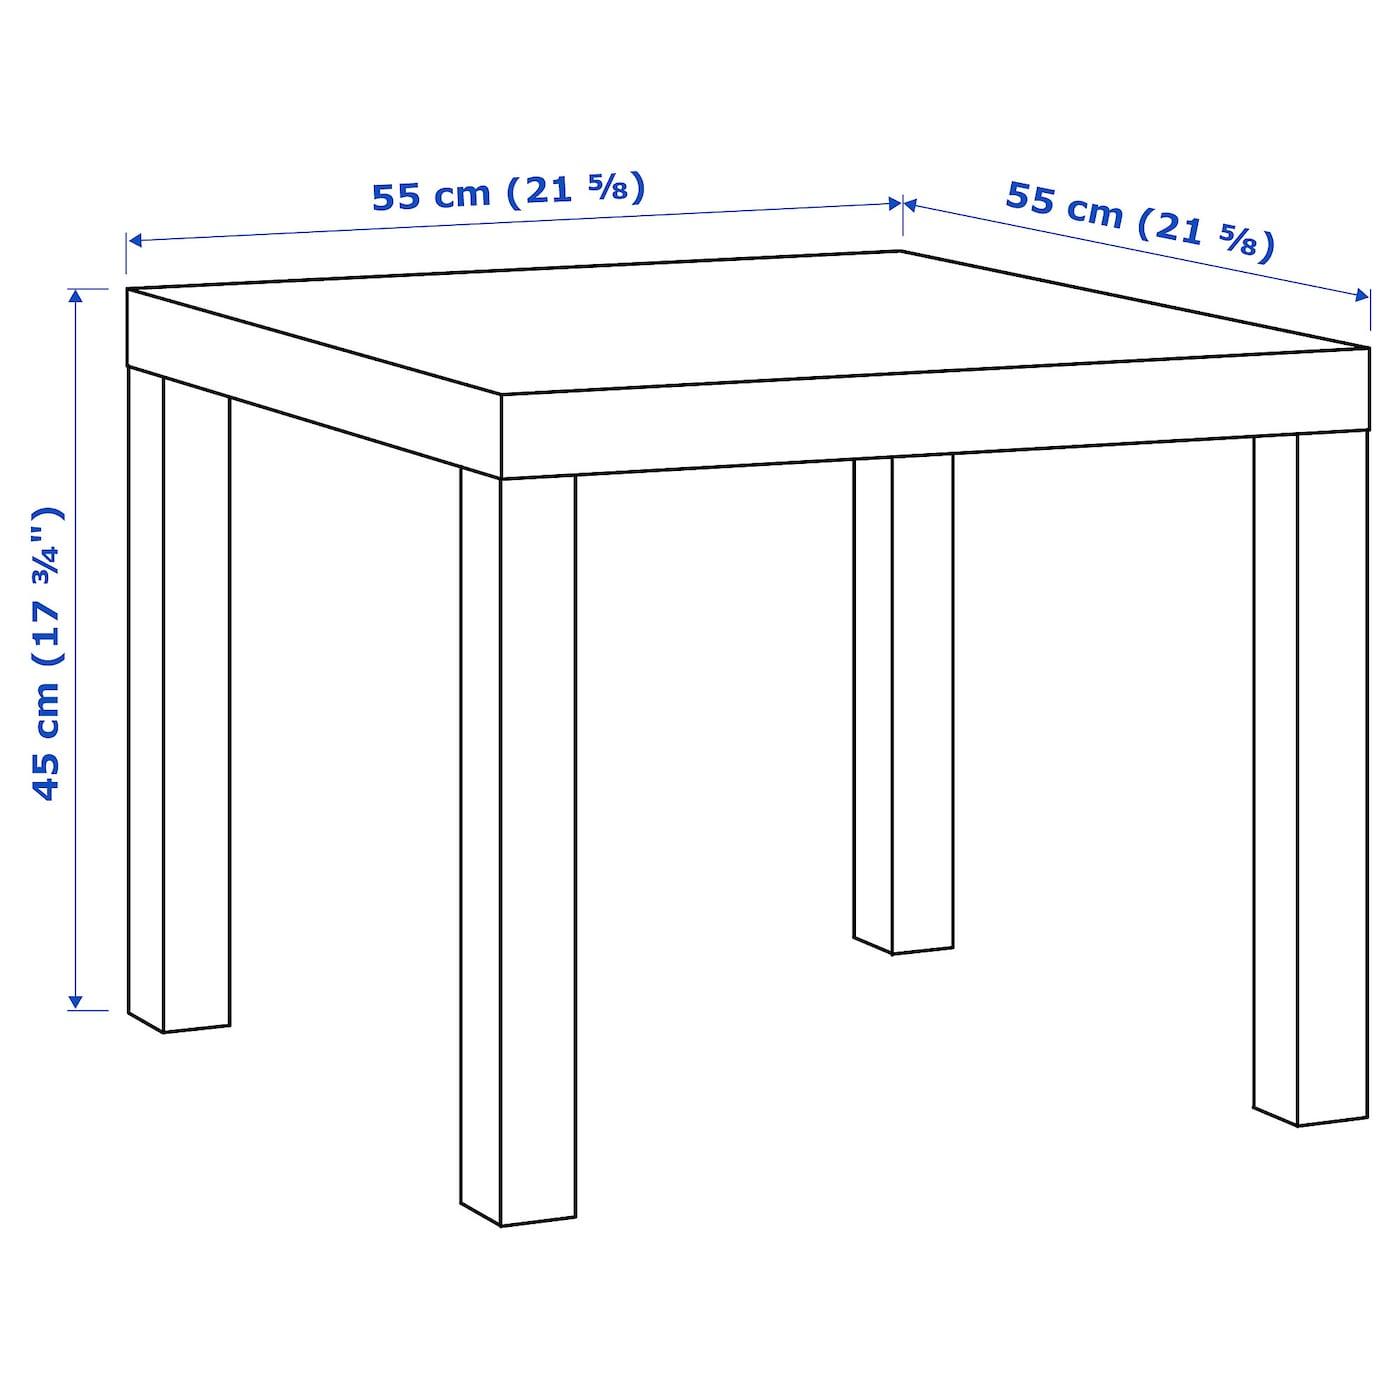 LACK Beistelltisch - Hochglanz weiß 36x36 cm